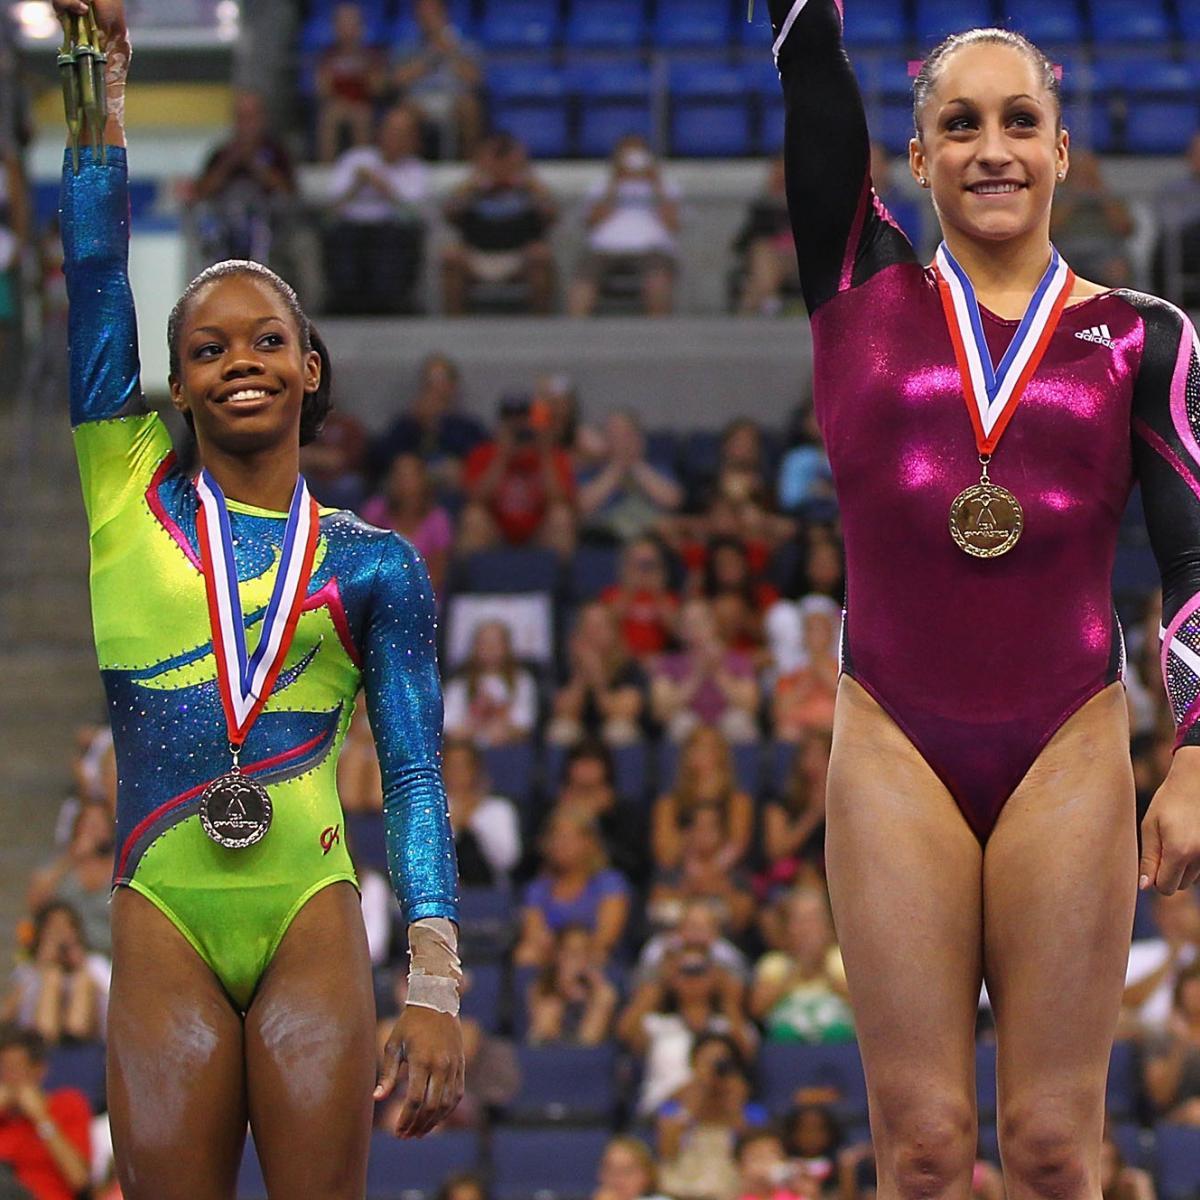 фото сша по спортивной гимнастике или гарантийные пломбы